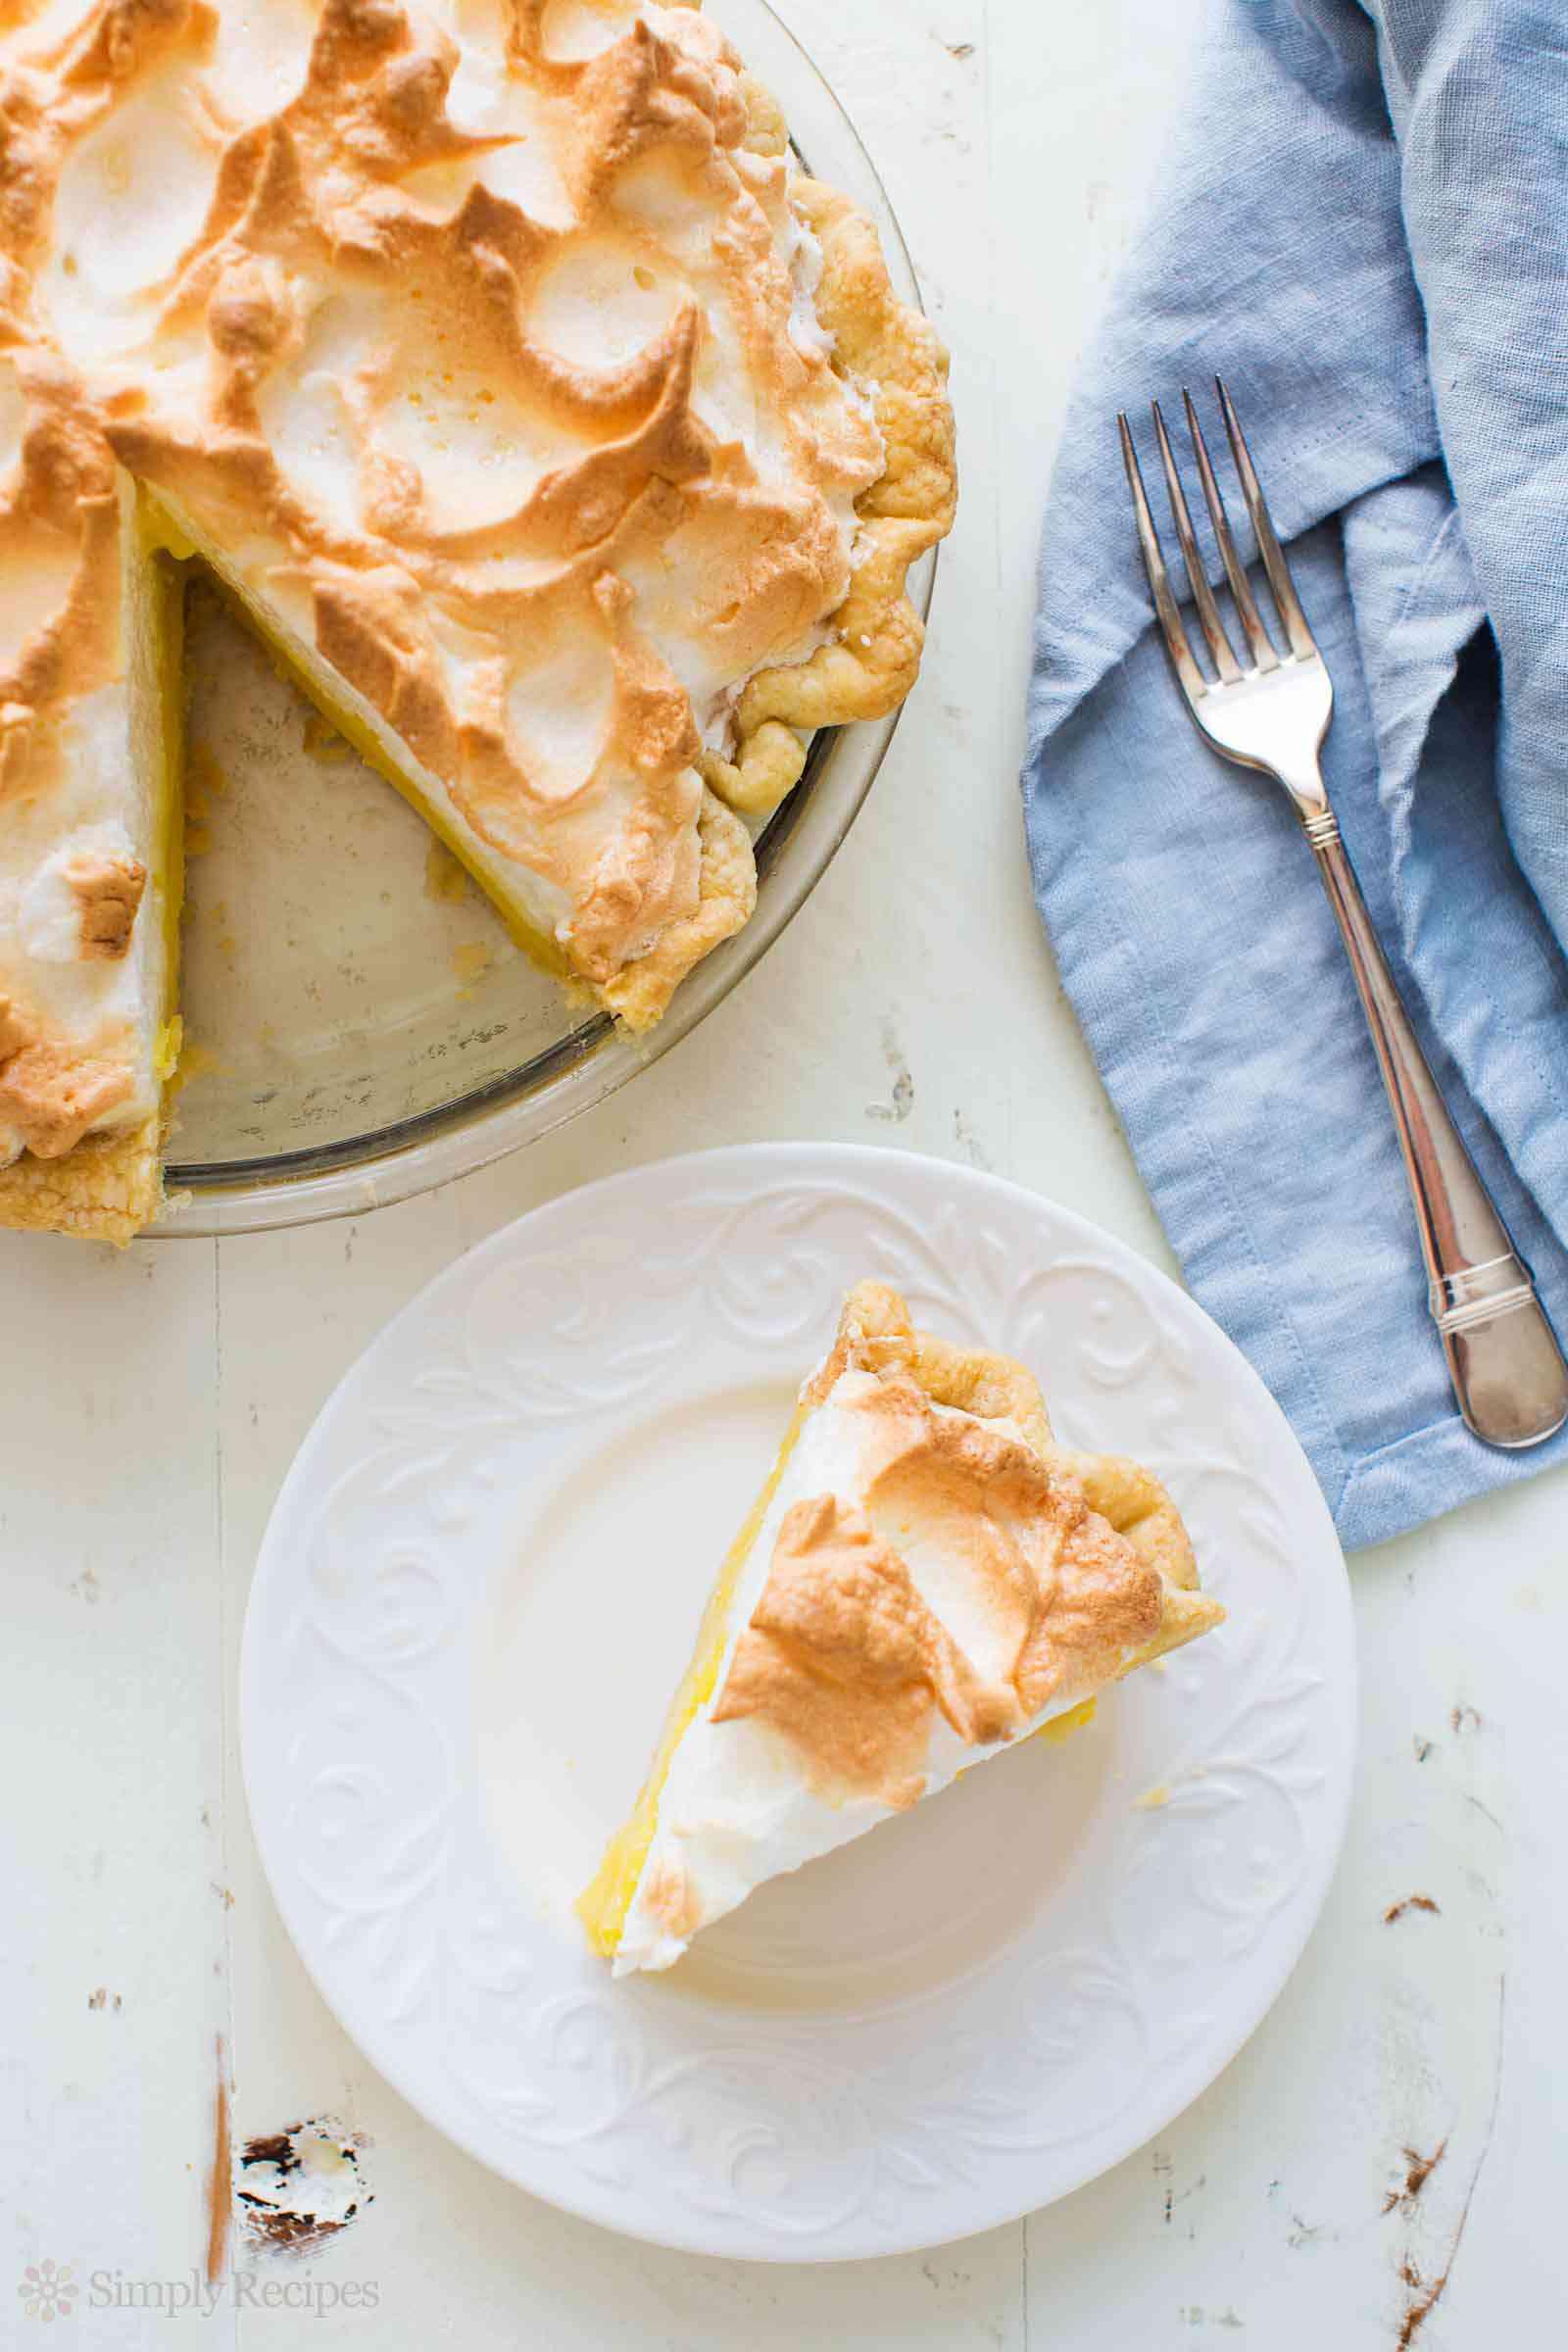 Best Lemon Meringue Pie with slice on plate